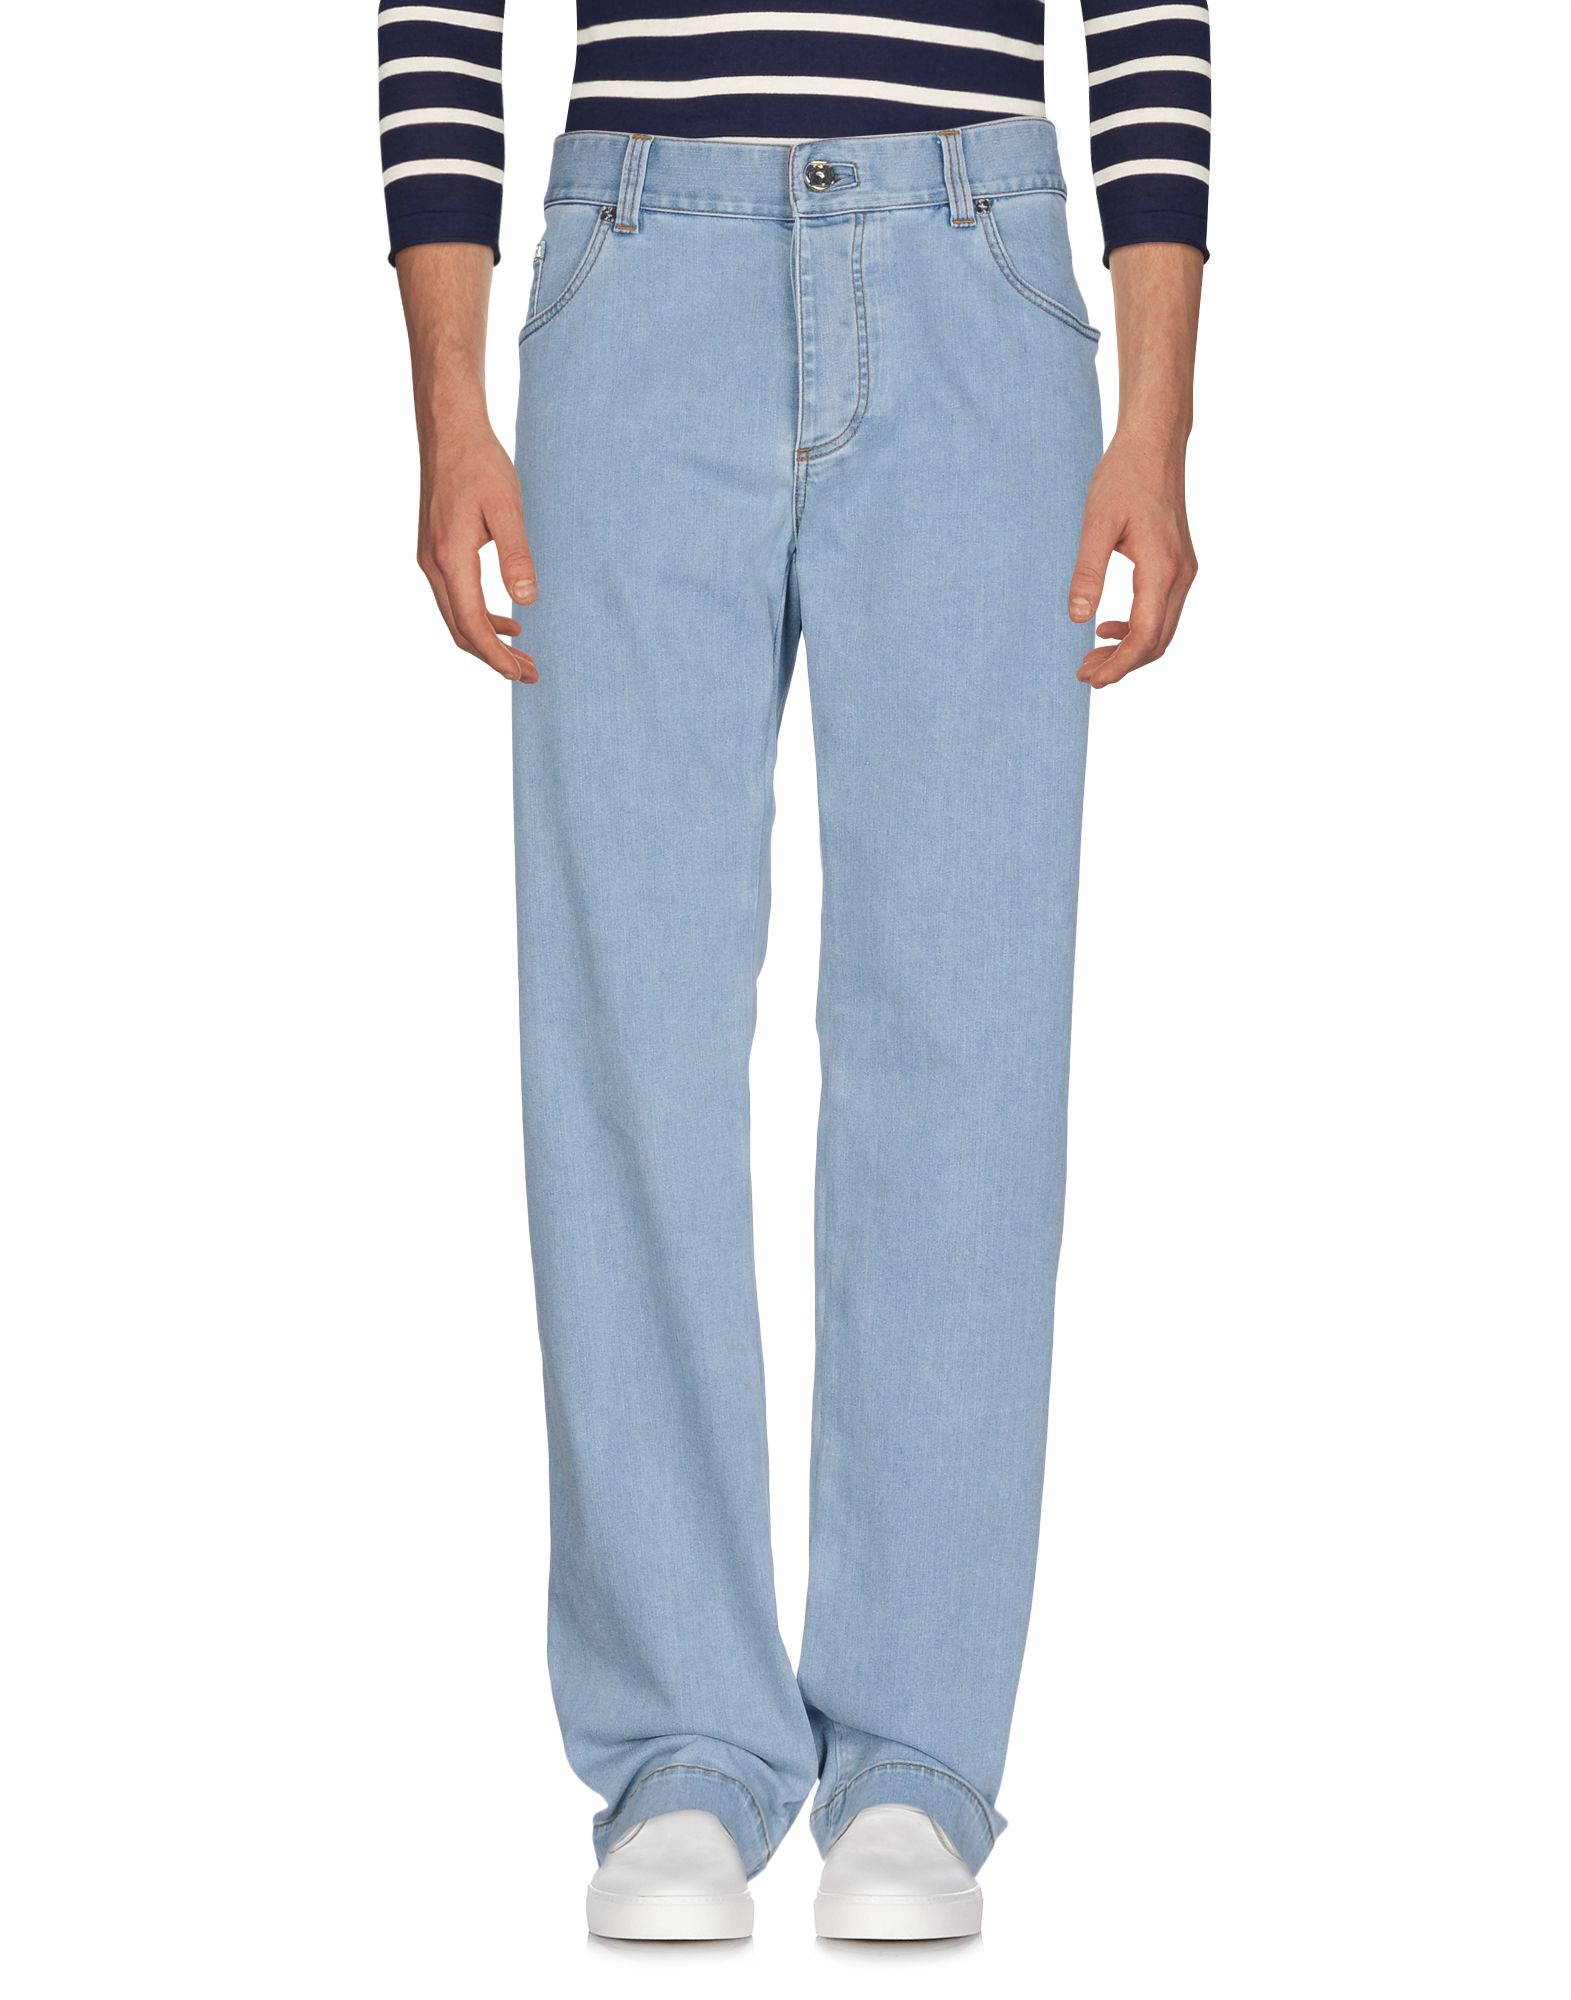 Pantaloni Jeans Billionaire Uomo - Acquista online su